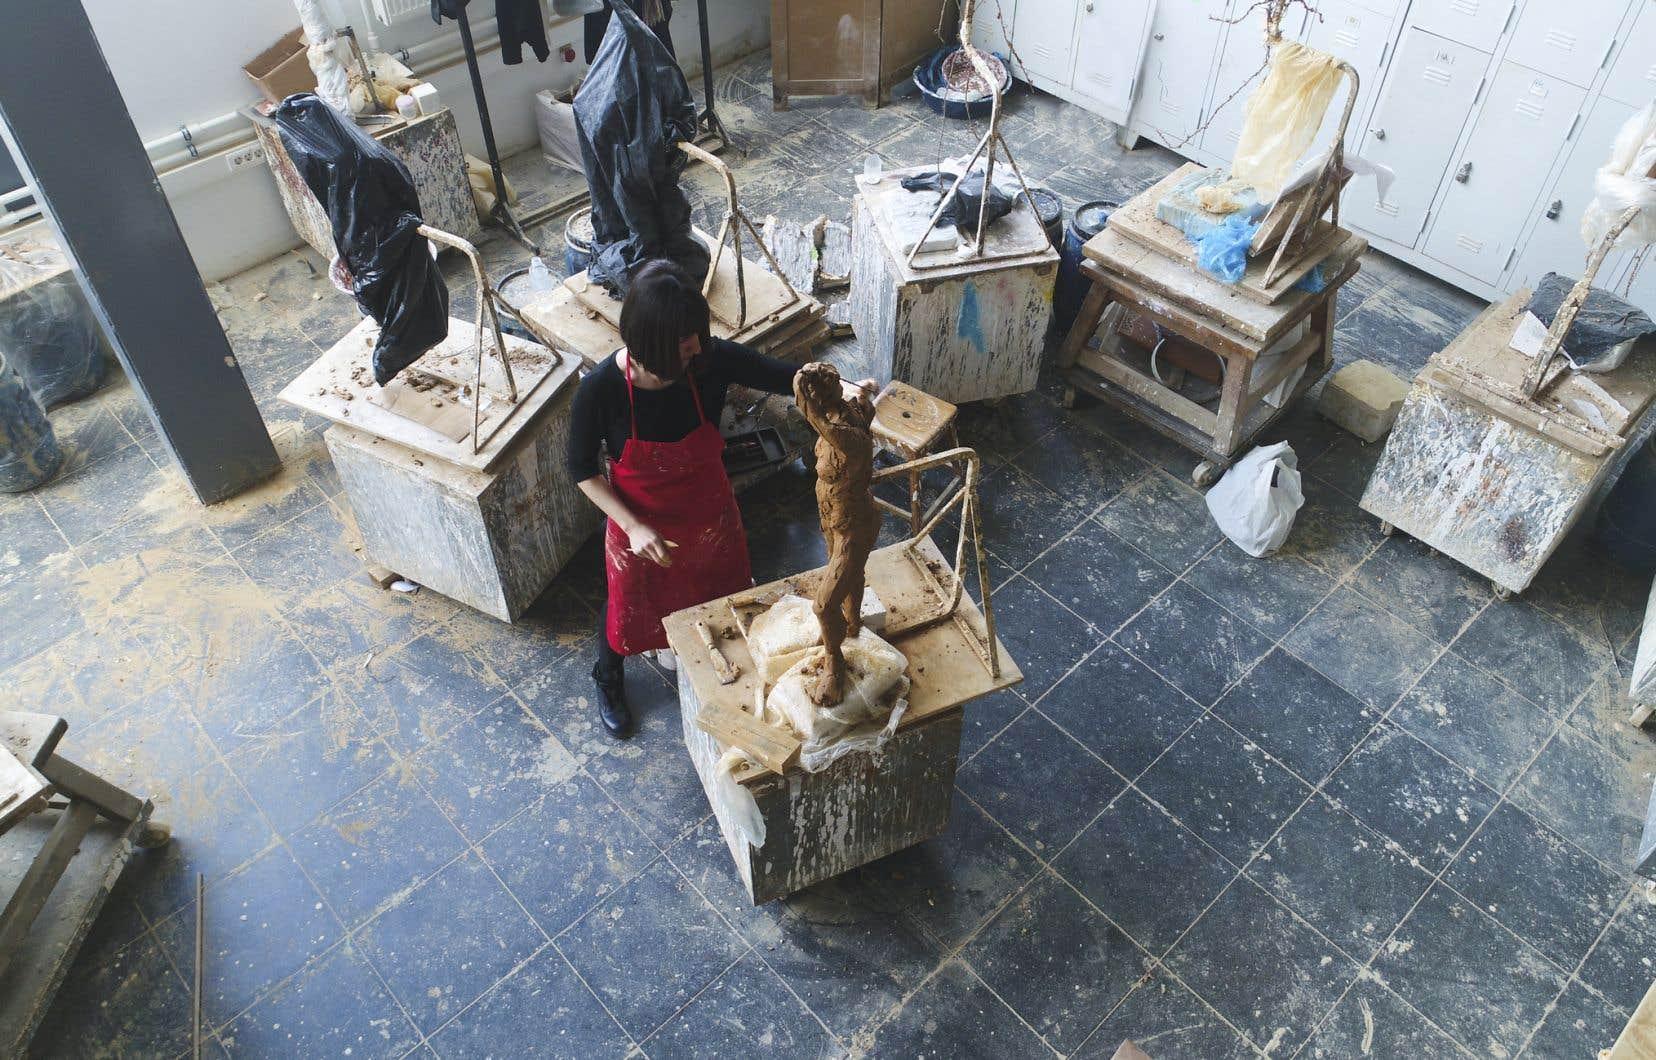 Selon l'organisme Ateliers Créatifs, entre 400 et 600 artistes montréalais ont perdu leur espace de travail depuis 2018 en raison d'expulsions et de hausses de loyers.